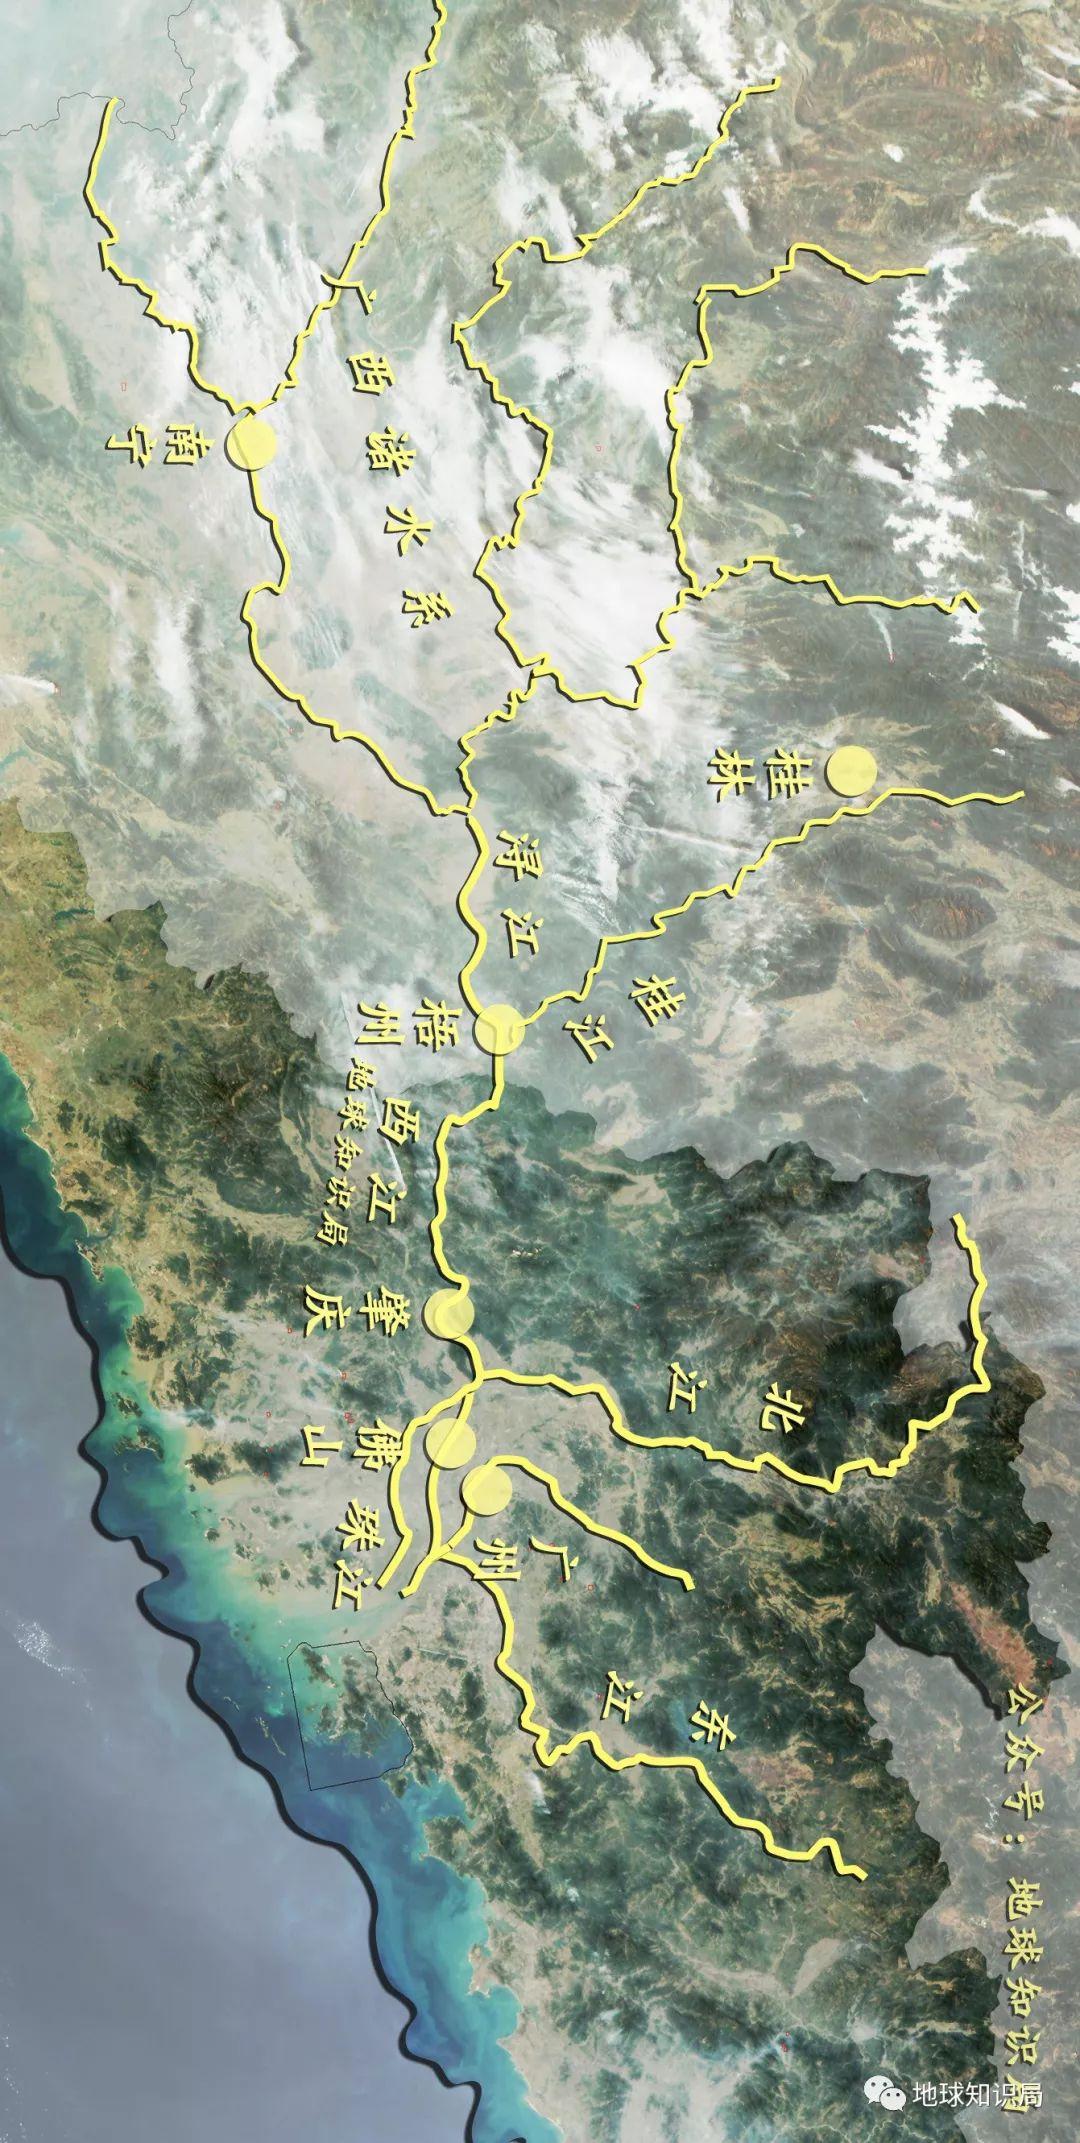 斥山gdp_斥山地图 斥山卫星地图 斥山高清航拍地图